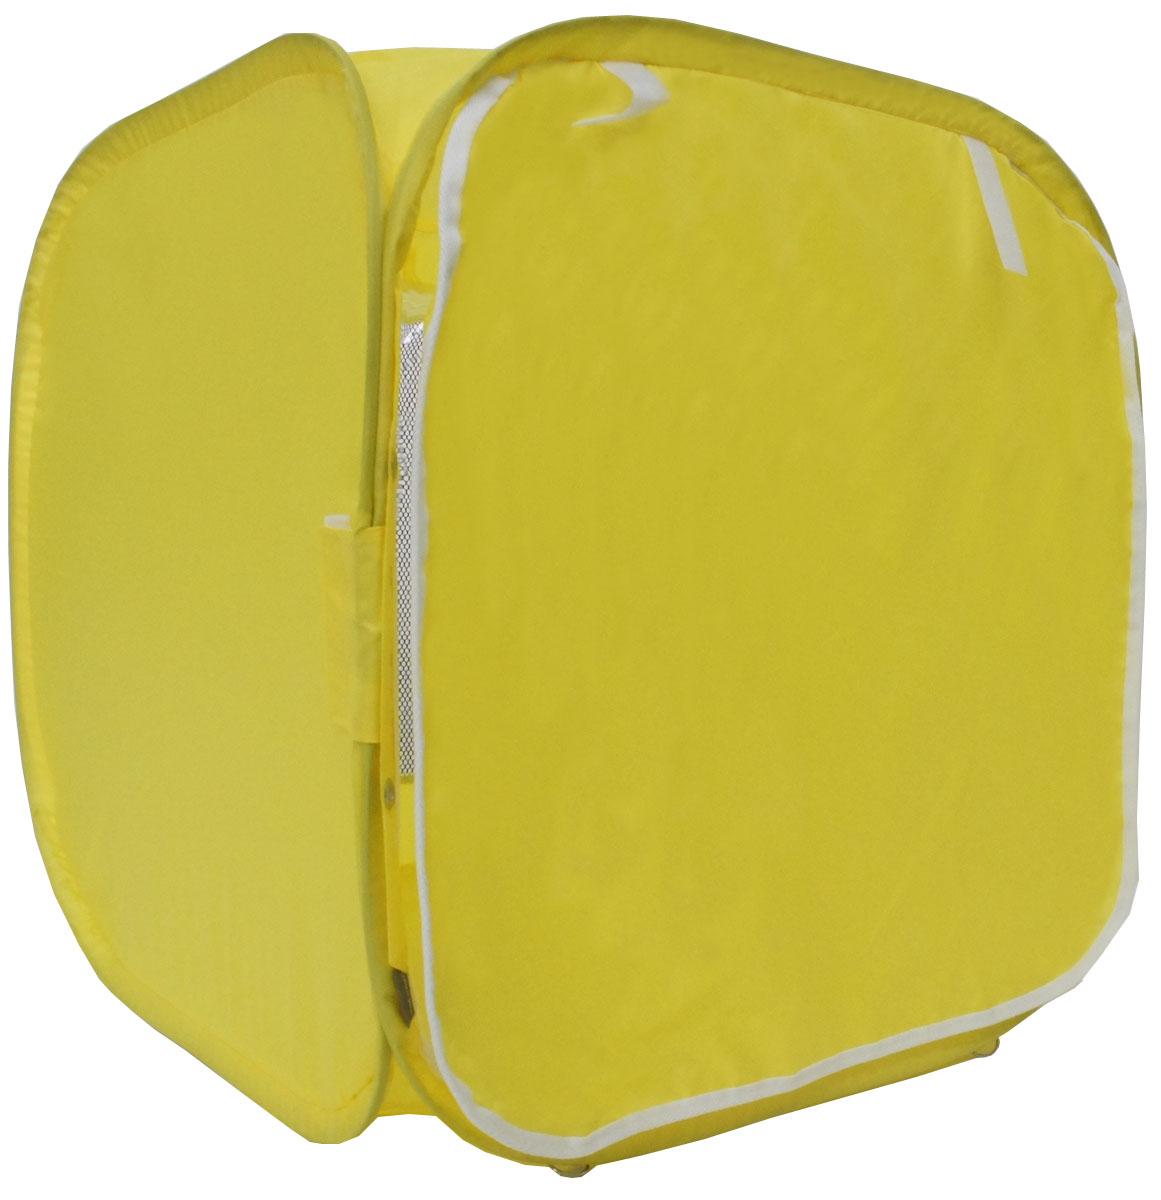 Палатка для выставки животных Шоу-Петс, цвет: желтый, 60 х 60 х 60 см. ПВЛ1ЖПВЛ1ЖПалатка разработана профессиональными заводчиками для тех, кто хочет перемещаться и выставляться со своими питомцами легко и комфортно: - палатка разворачивается и сворачивается за 30 секунд; - экран палатки выполнен из суперпрозрачной пленки, шторка по желанию может опускаться и полностью закрывать экран от взглядов посетителей выставки; - палатка сворачивается восьмеркой в компактный блинчик и убирается в компрессионный чехол (идет в комплекте); - в комплекте к палатке идут ремни для крепления к столу, а так же ими удобно фиксировать палатку в поезде на верхней полке или в машине; - со стороны заводчика расположен большой удобный вход в палатку на молнии, бегунки молнии фиксируются крепежом, не позволяющим животному самостоятельно открыть вход и выбраться из палатки; - в скрученном виде палатка практически не занимает места в багаже и не ощущается по весу; - данный размер палатки предназначен для комфортного размещения на выставке одного животного среднего размера; - материал...